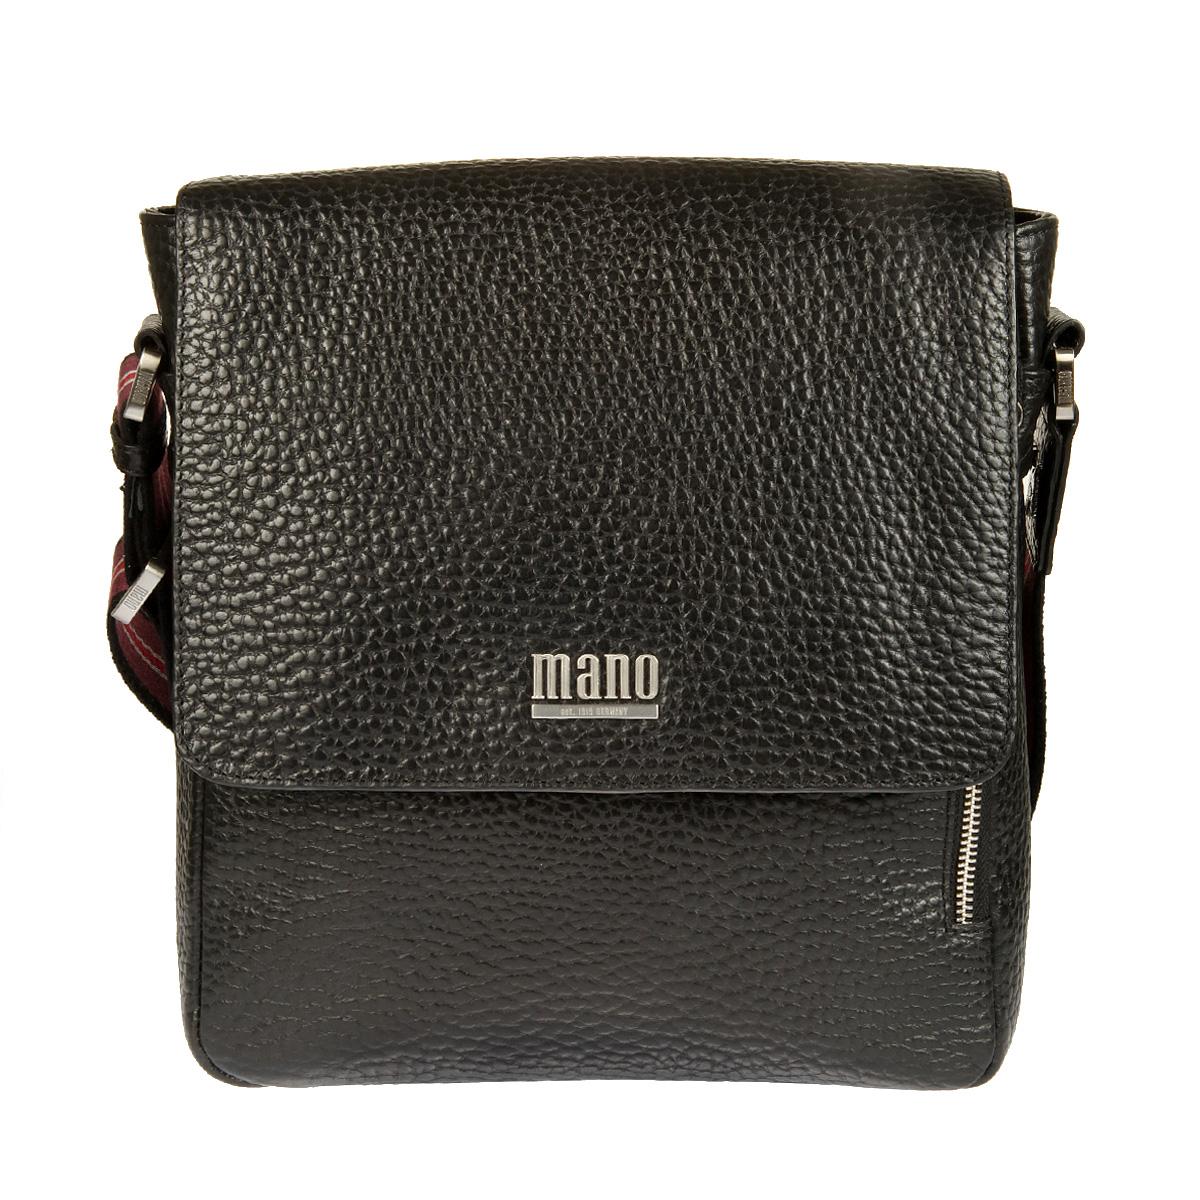 Сумка-планшет мужская Mano, цвет: черный. 1950119501 blackПрактичная мужская сумка-планшет Mano выполнена из натуральной кожи с зернистой фактурой, оформлена металлической фурнитурой с символикой бренда. Сумка содержит одно отделение, закрывающееся на застежку-молнию и дополнительно клапаном на магнитную кнопку. Внутри изделия расположены: открытый накладной карман для телефона, врезной карман на застежке-молнии и три фиксатора для авторучек. На лицевой стороне изделия, под клапаном, расположен врезной карман на застежке-молнии. Задняя сторона сумки дополнена накладным карманом на магнитной кнопке. Сумка оснащена удобным плечевым ремнем, длина которого регулируется при помощи пряжки. Стильный и практичный аксессуар отлично завершит образ и подчеркнет ваш безупречный вкус.